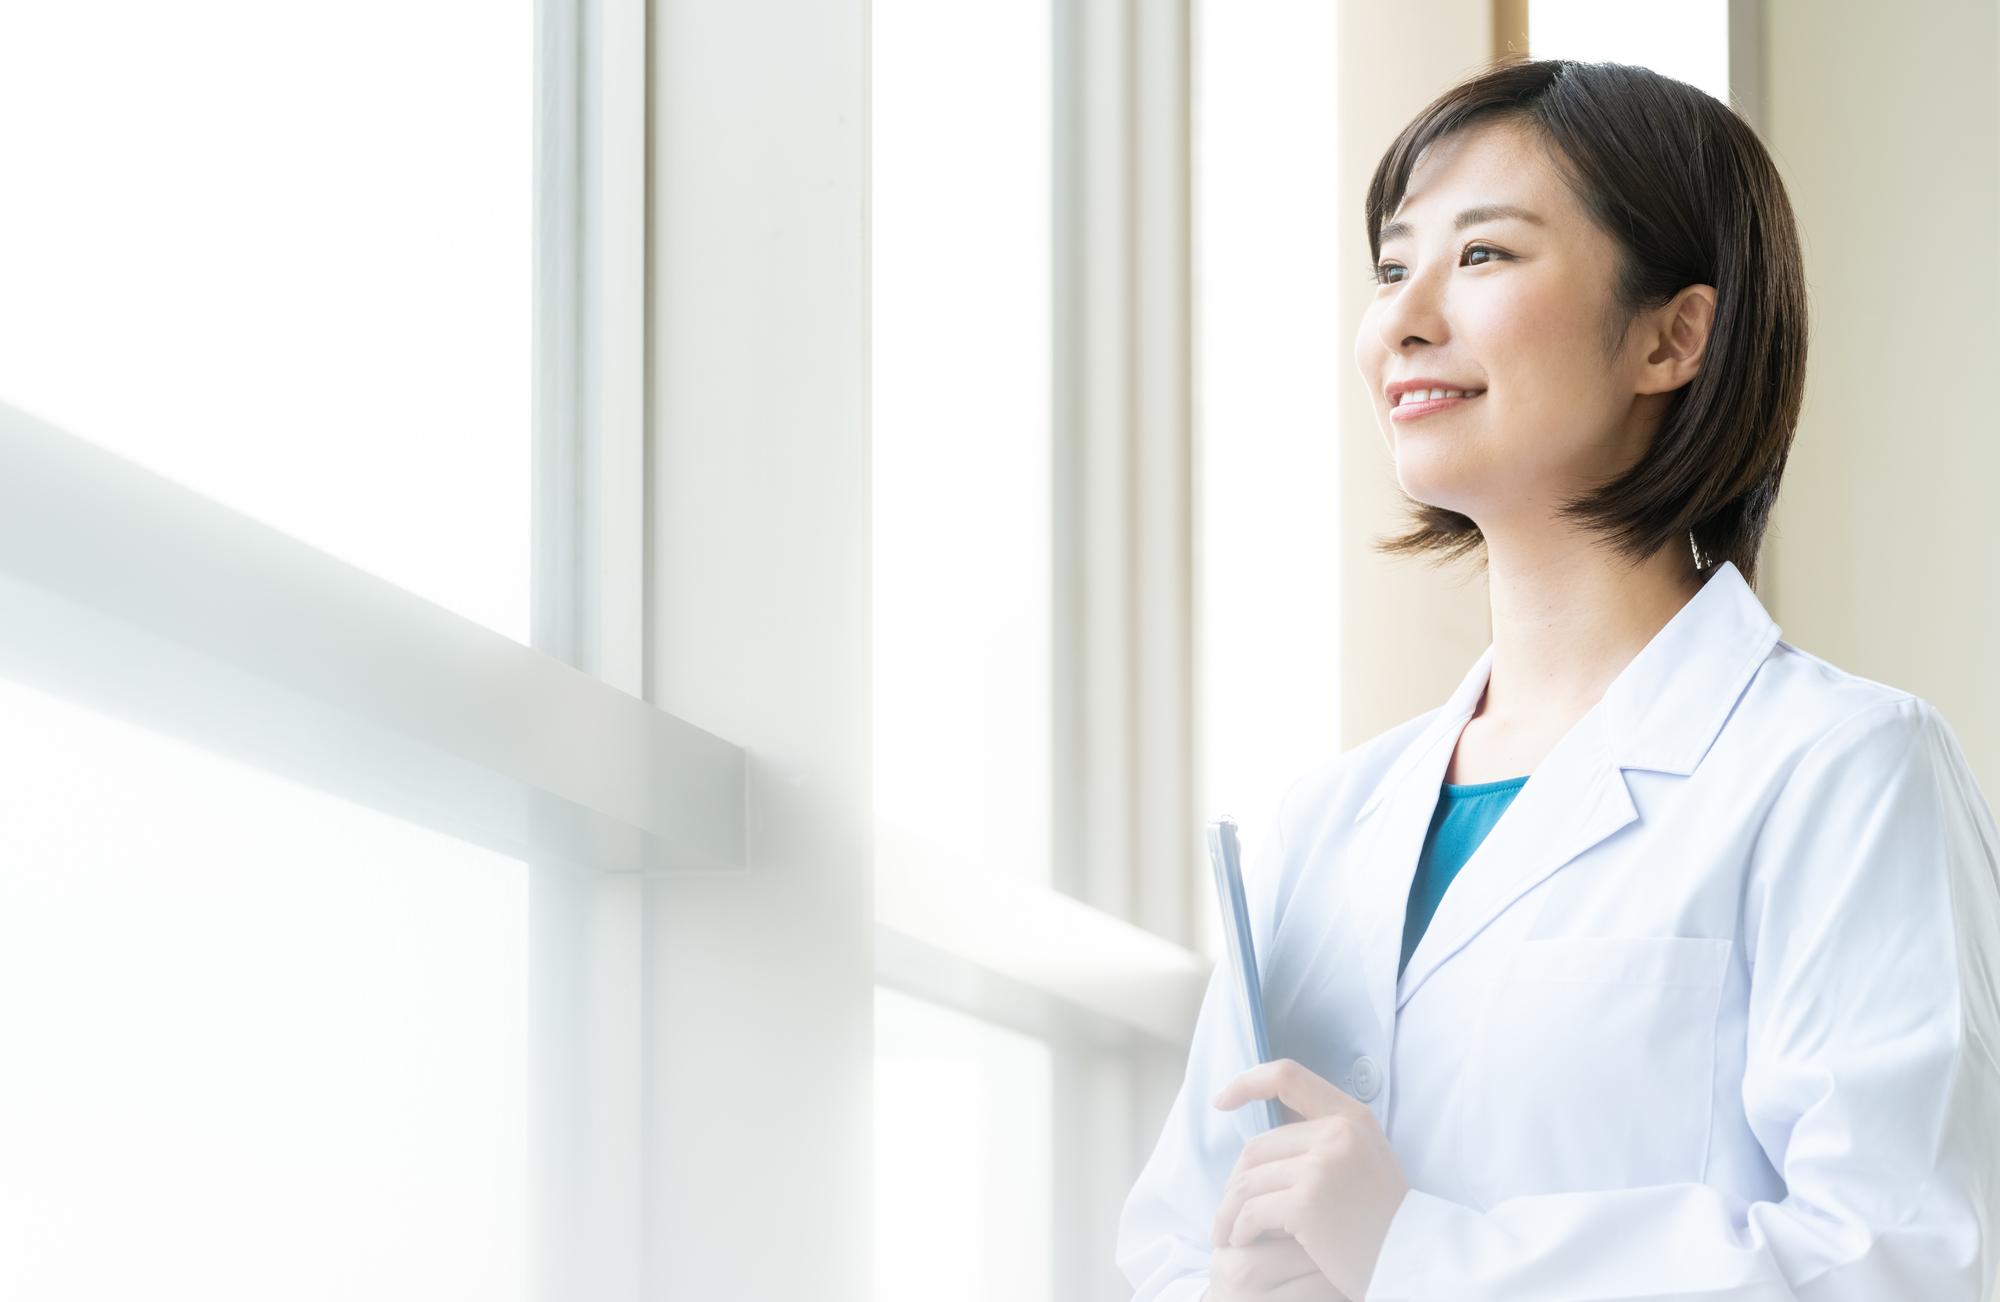 専門薬剤師 薬剤師のキャリアアップ 将来